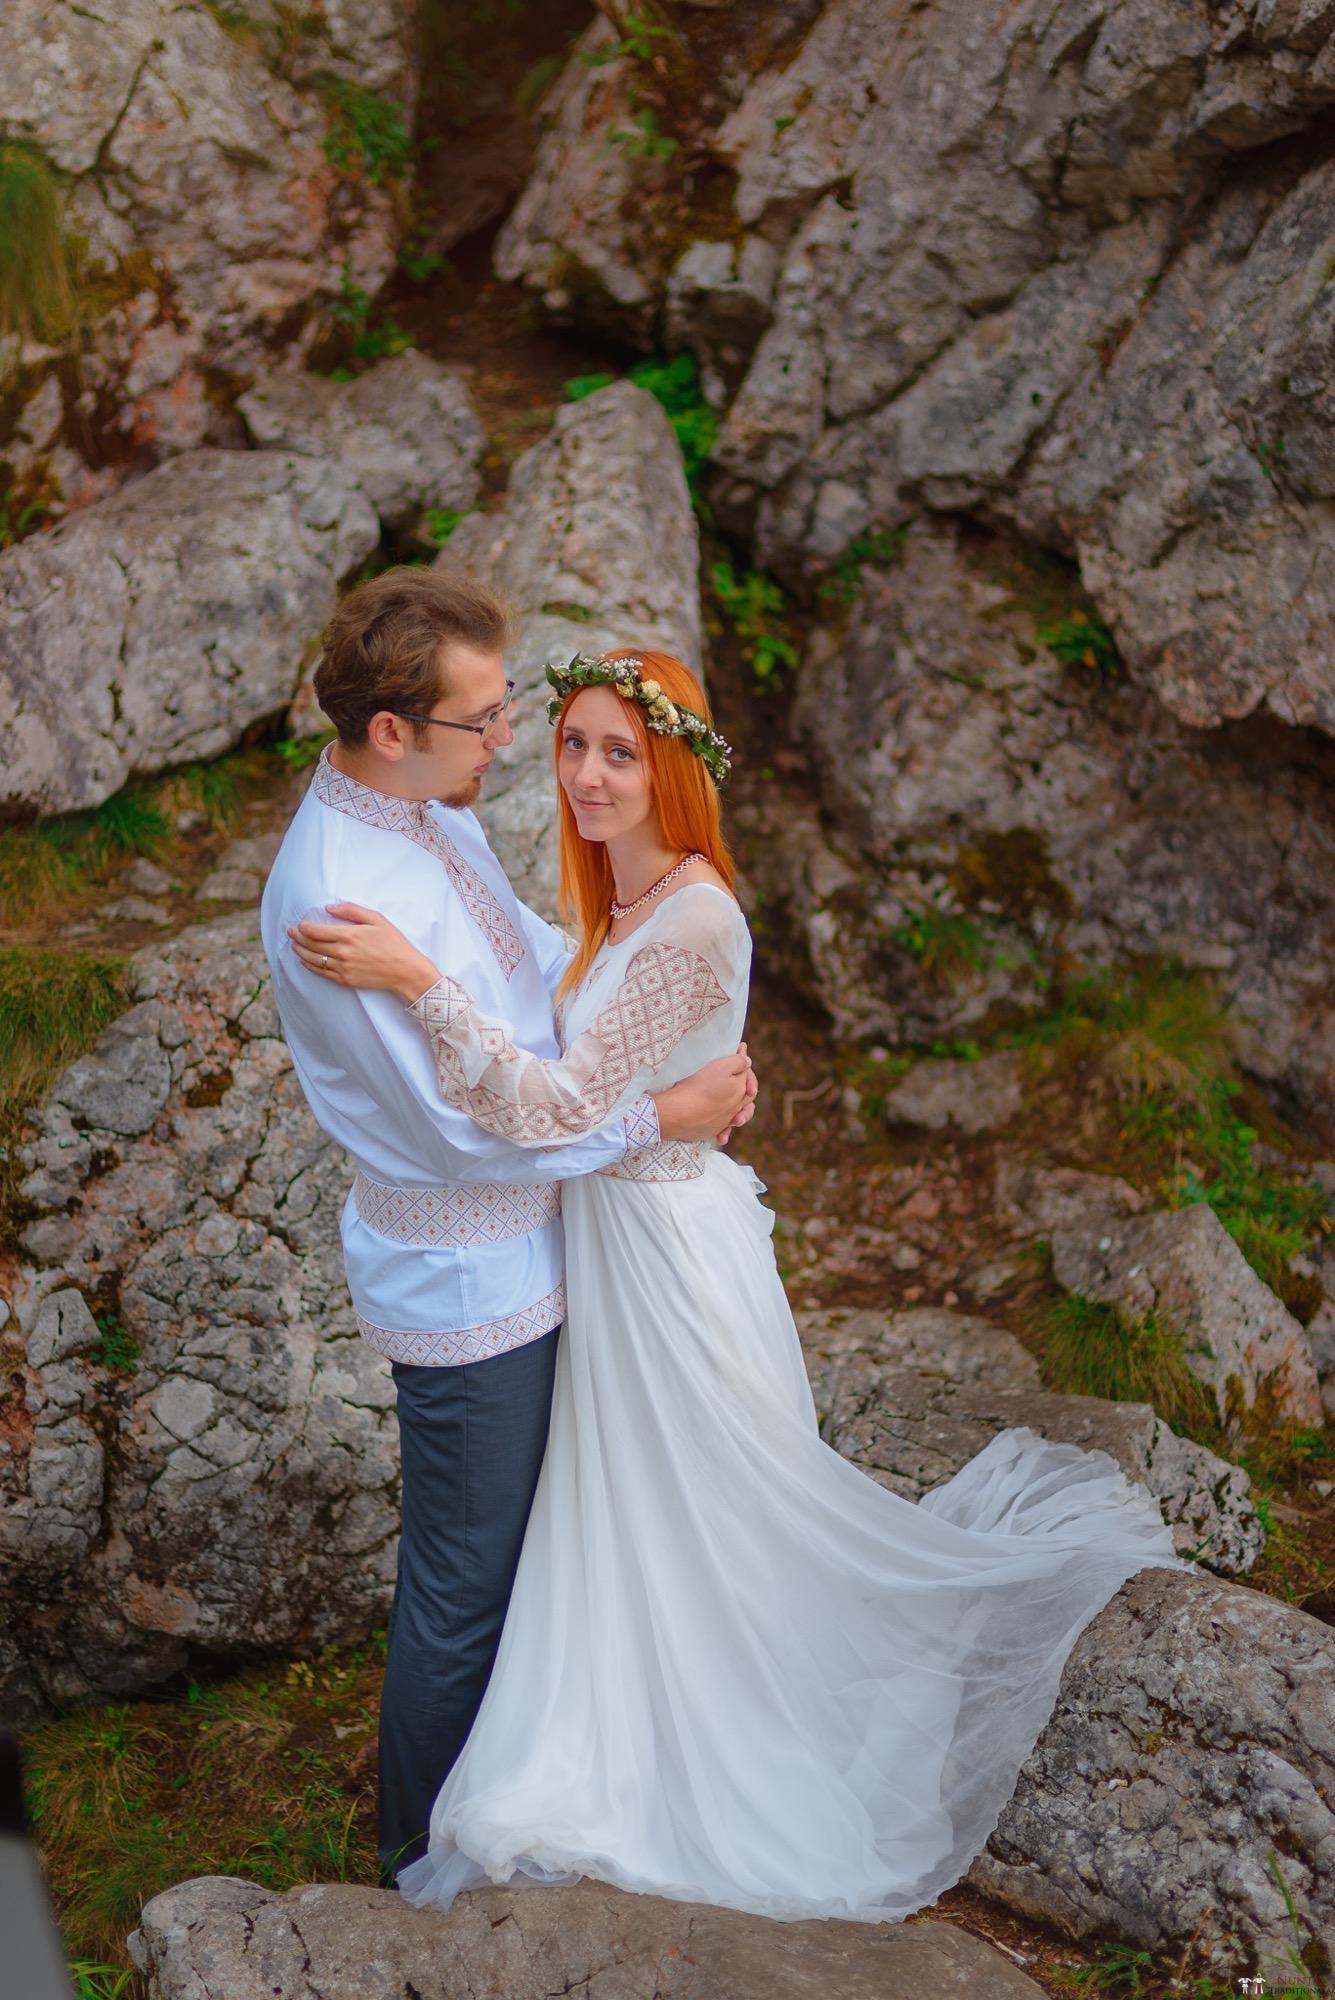 Povești Nunți Tradiționale - Aurelian și Sonia. Nuntă tradițională în Câmpulung Moldovenesc 27